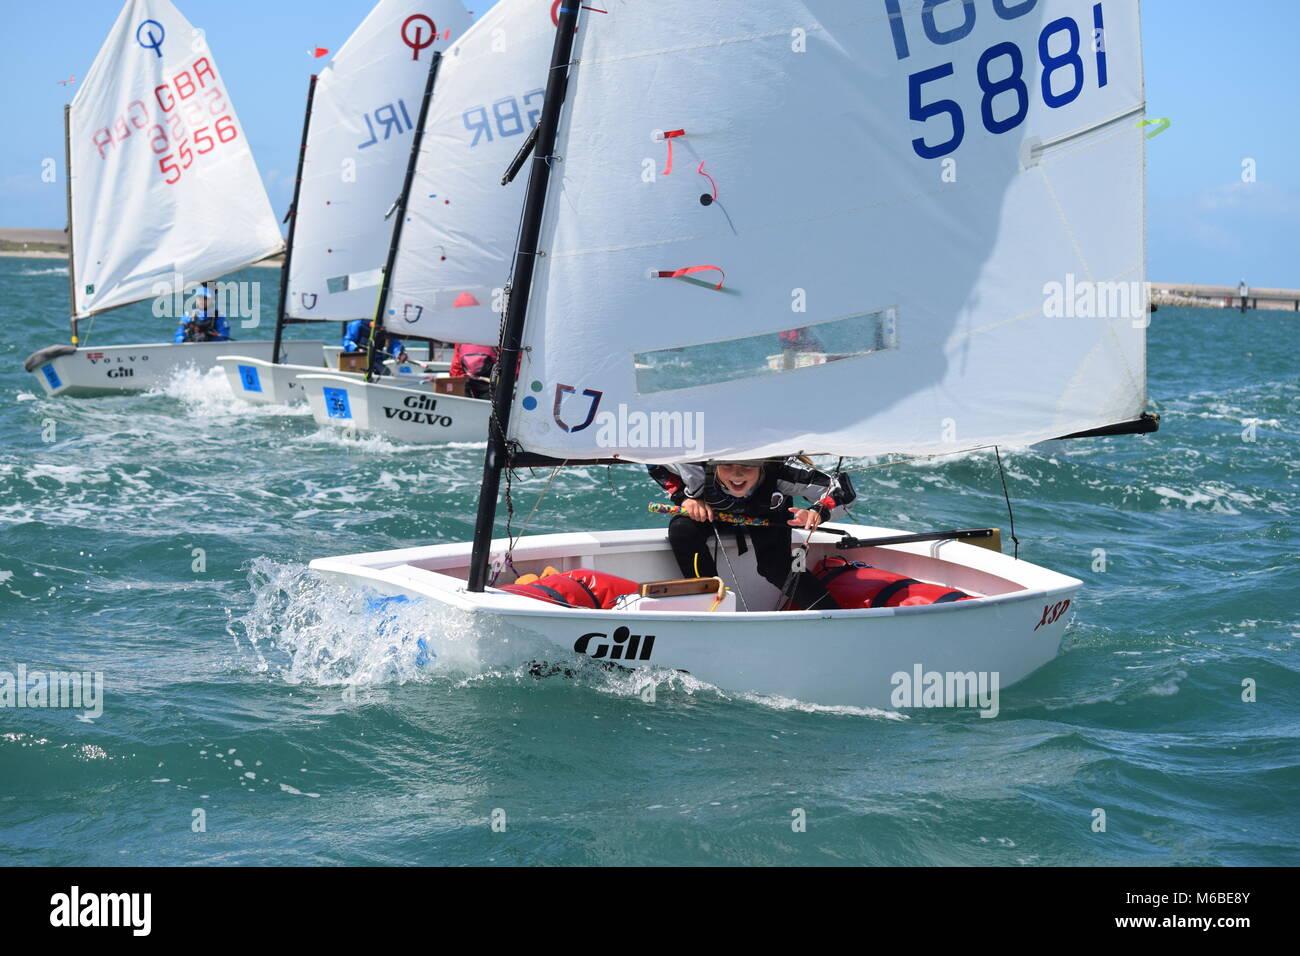 Junior Racing Optimist Segler Jollen in Weymouth Hafen auf einem sonnigen, windigen Tag. Stockbild